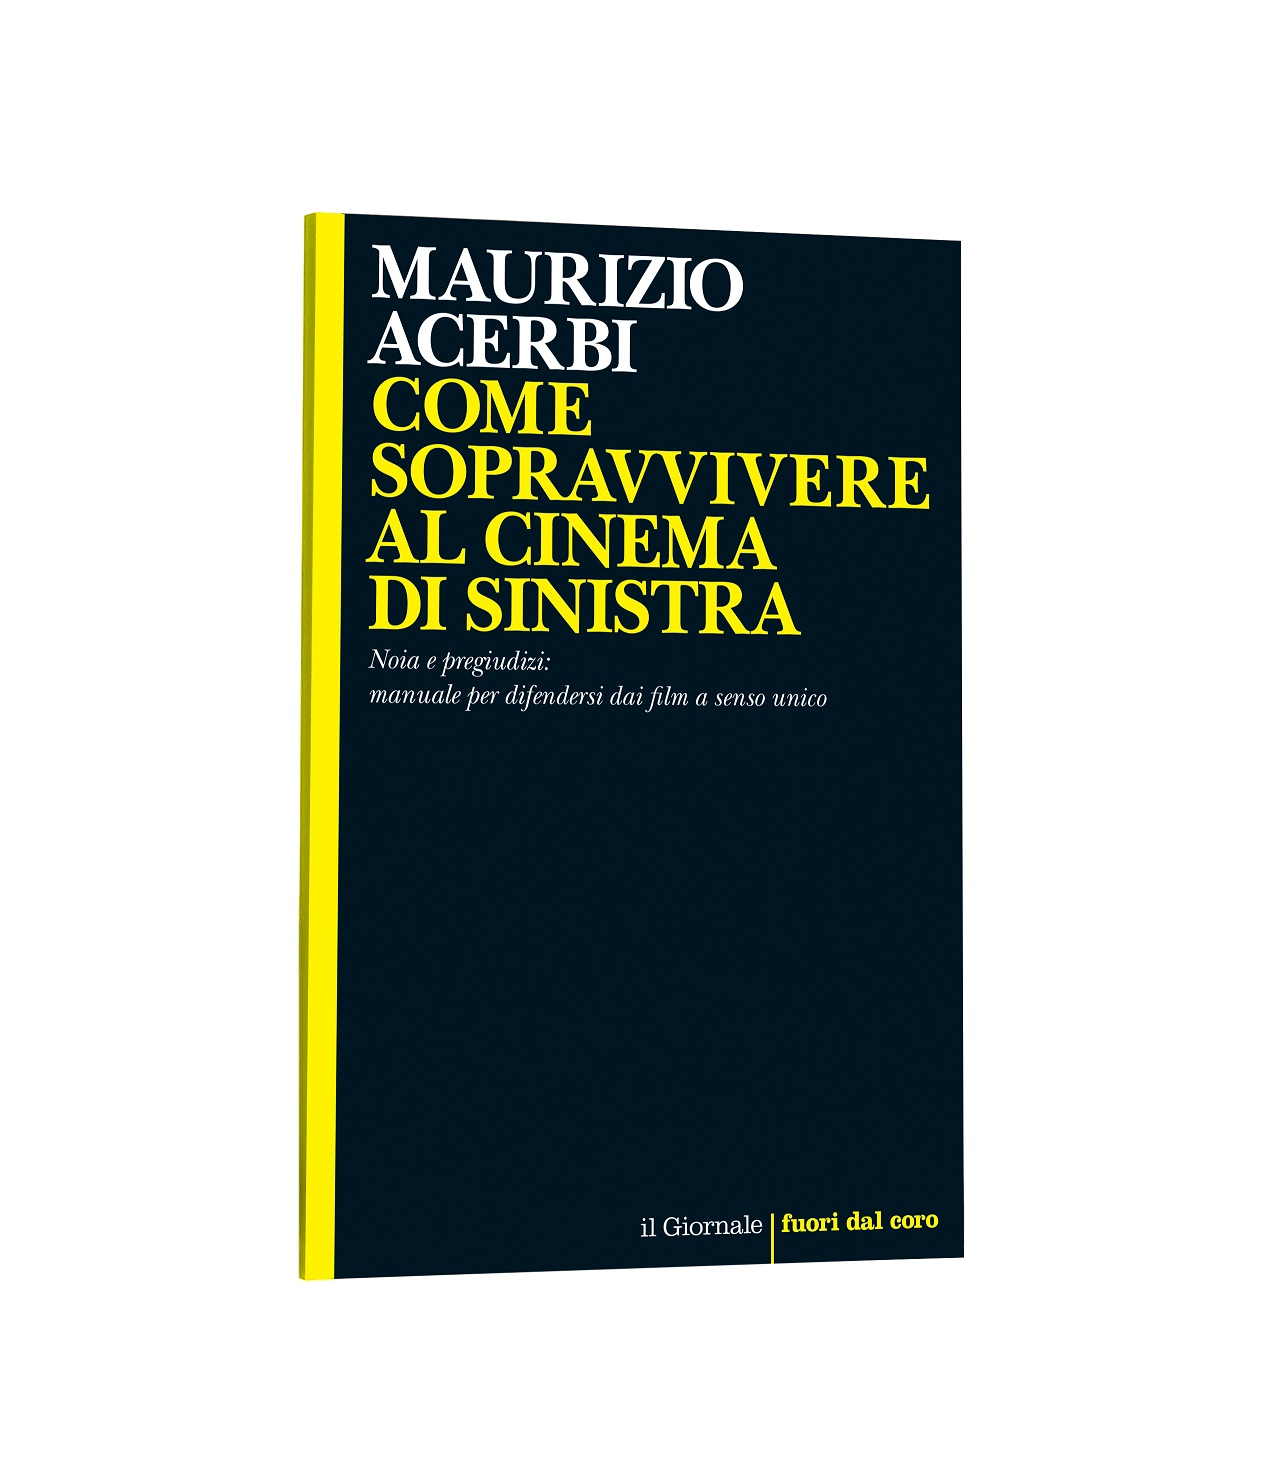 Lo Scandalo Della Collana Film come sopravvivere al cinema di sinistra – il blog di